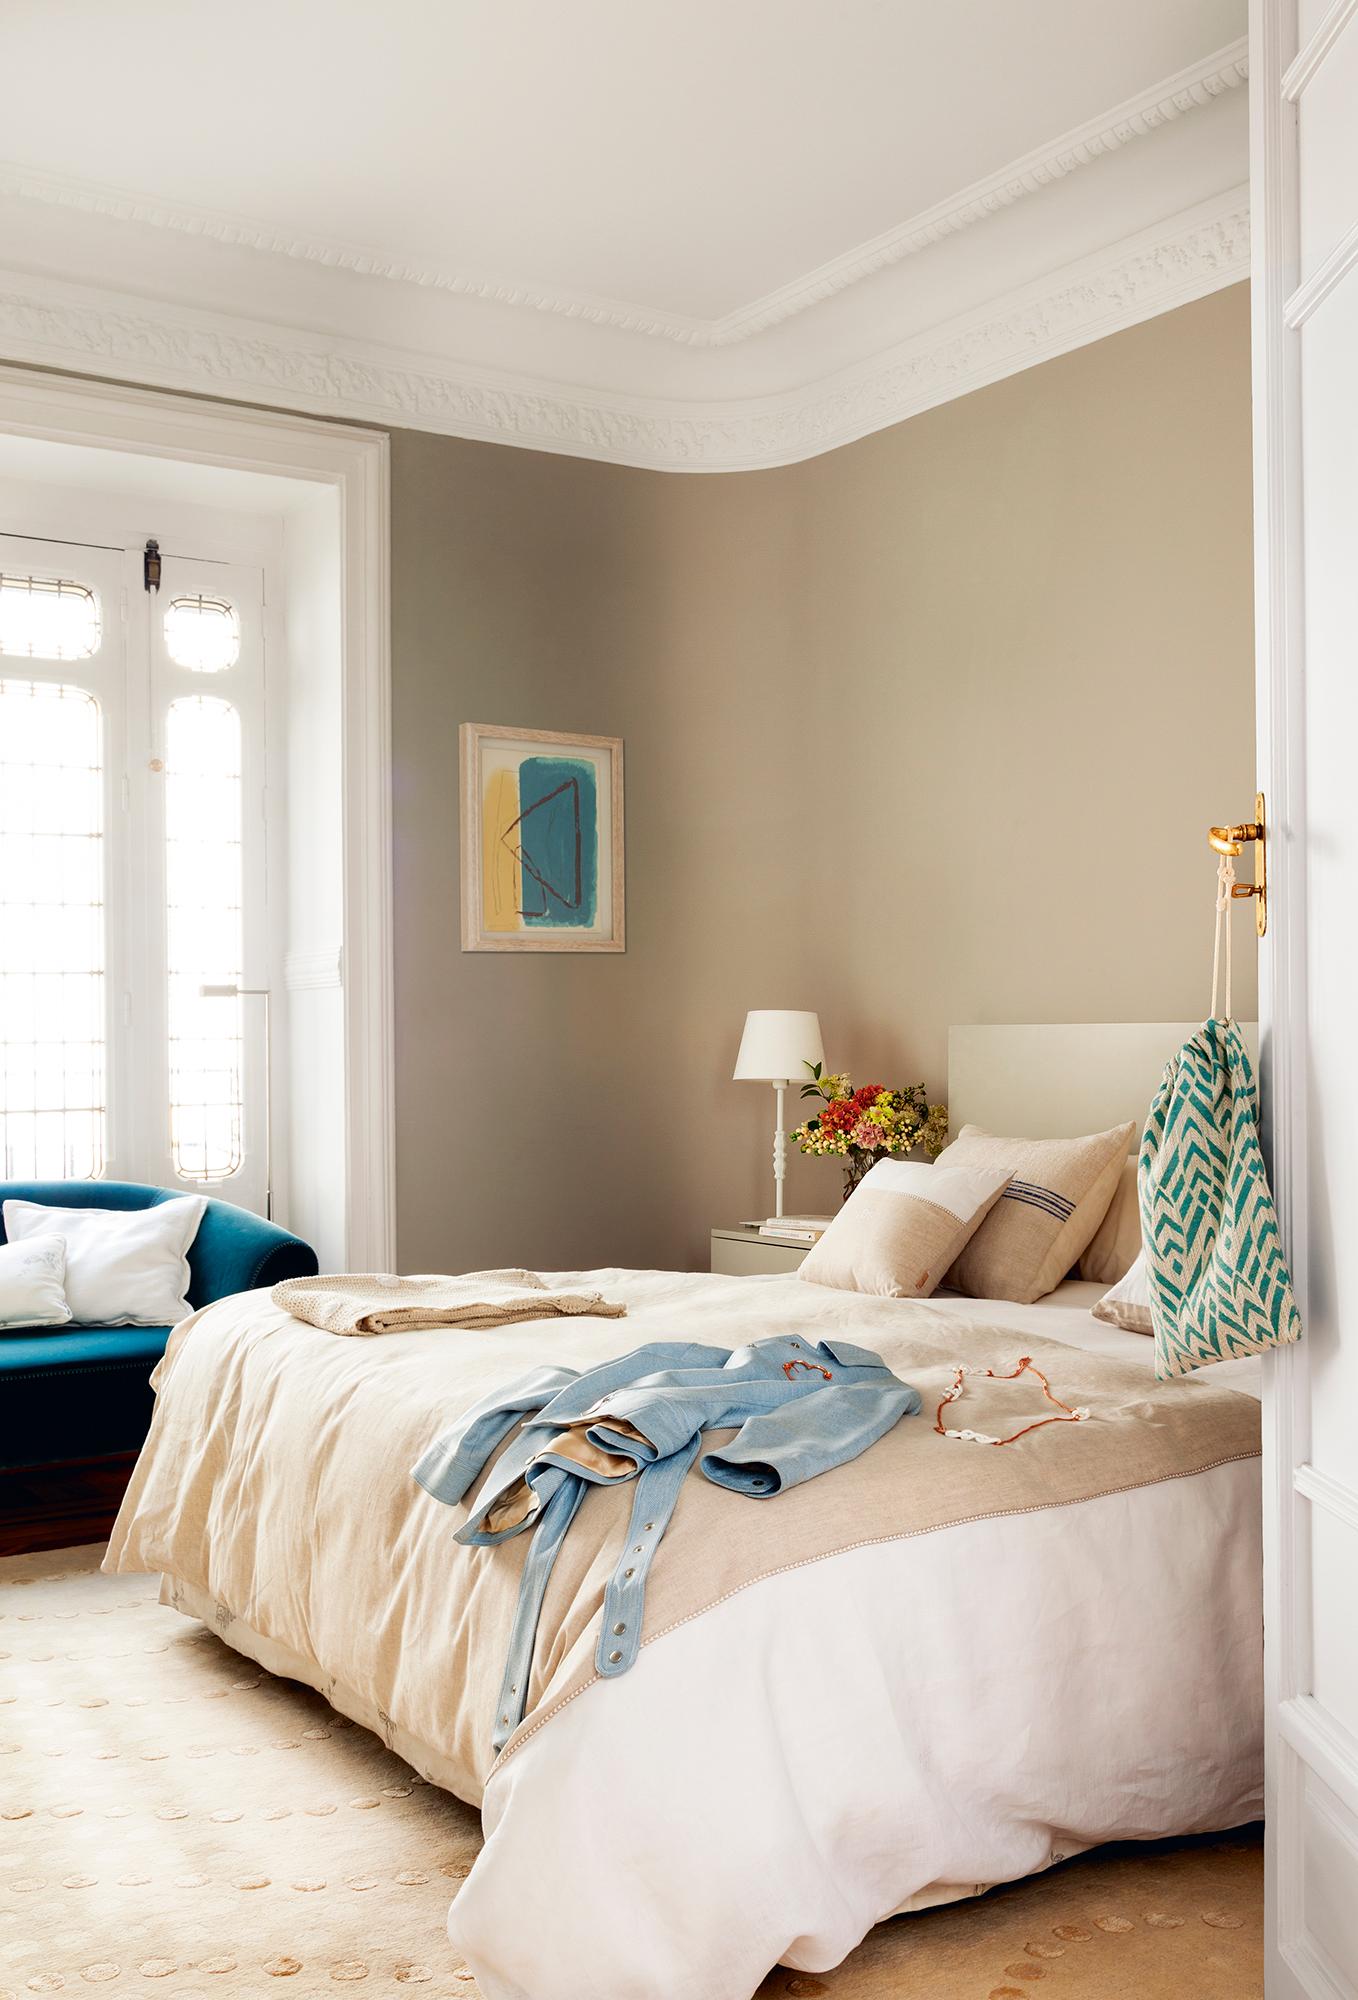 20 dormitorios de todos los estilos - Sofa dormitorio ...